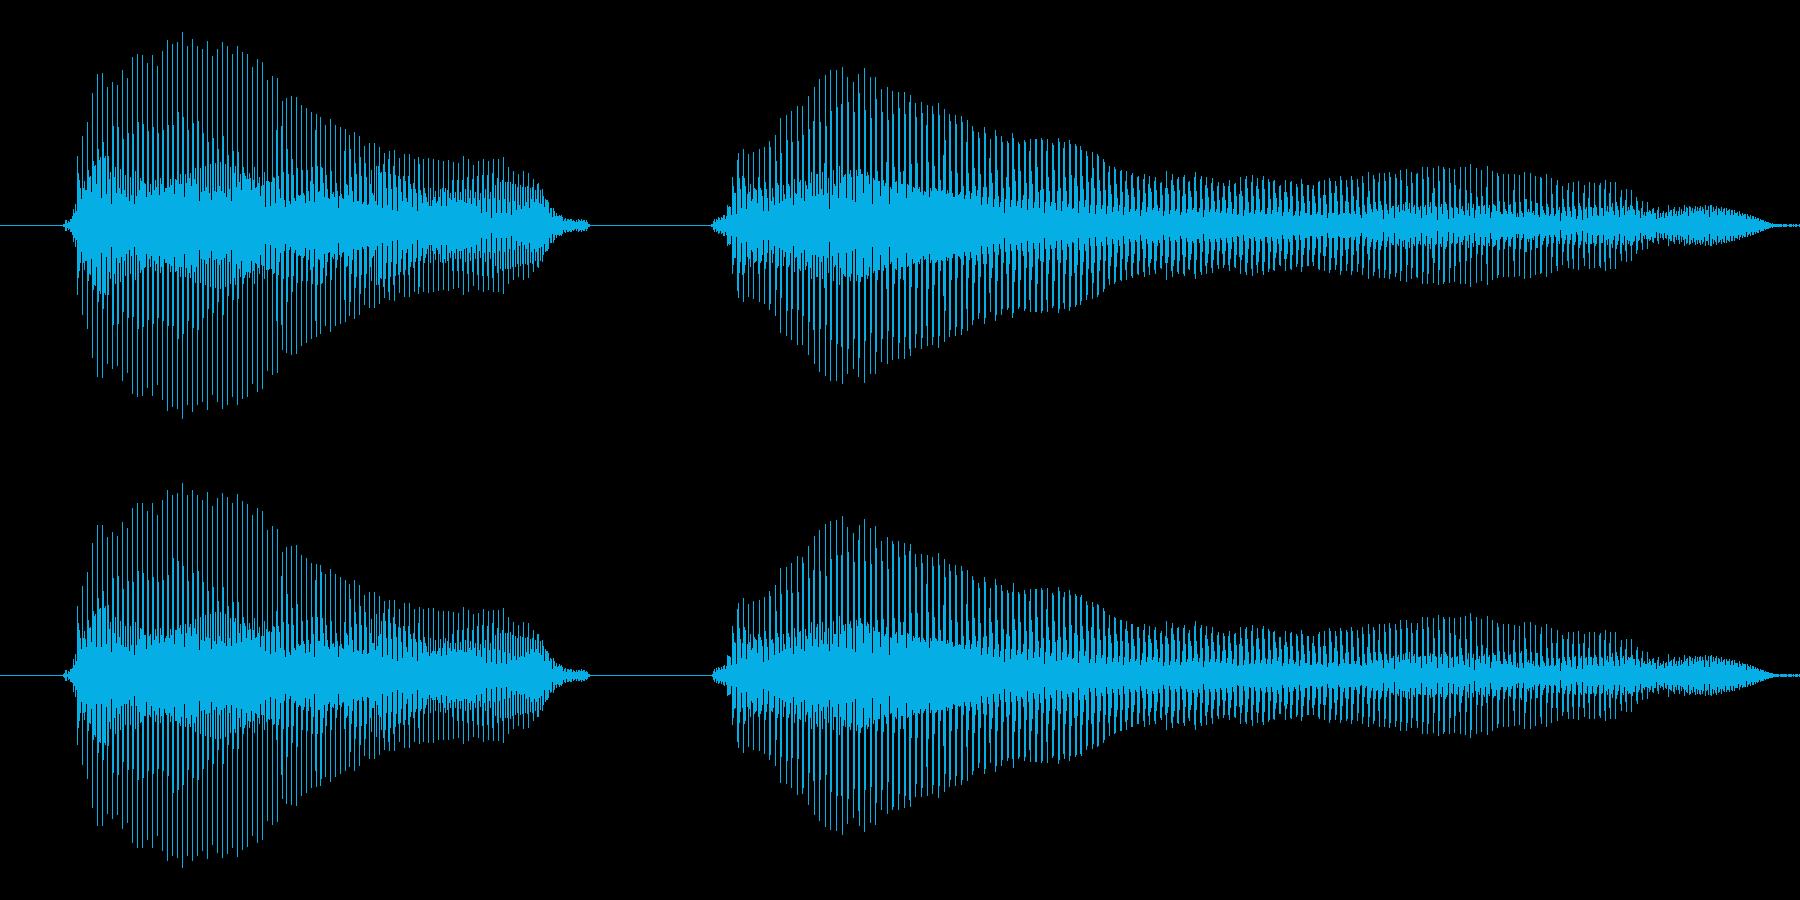 ばいばーい(子供)【ゲーム・アプリ終了】の再生済みの波形